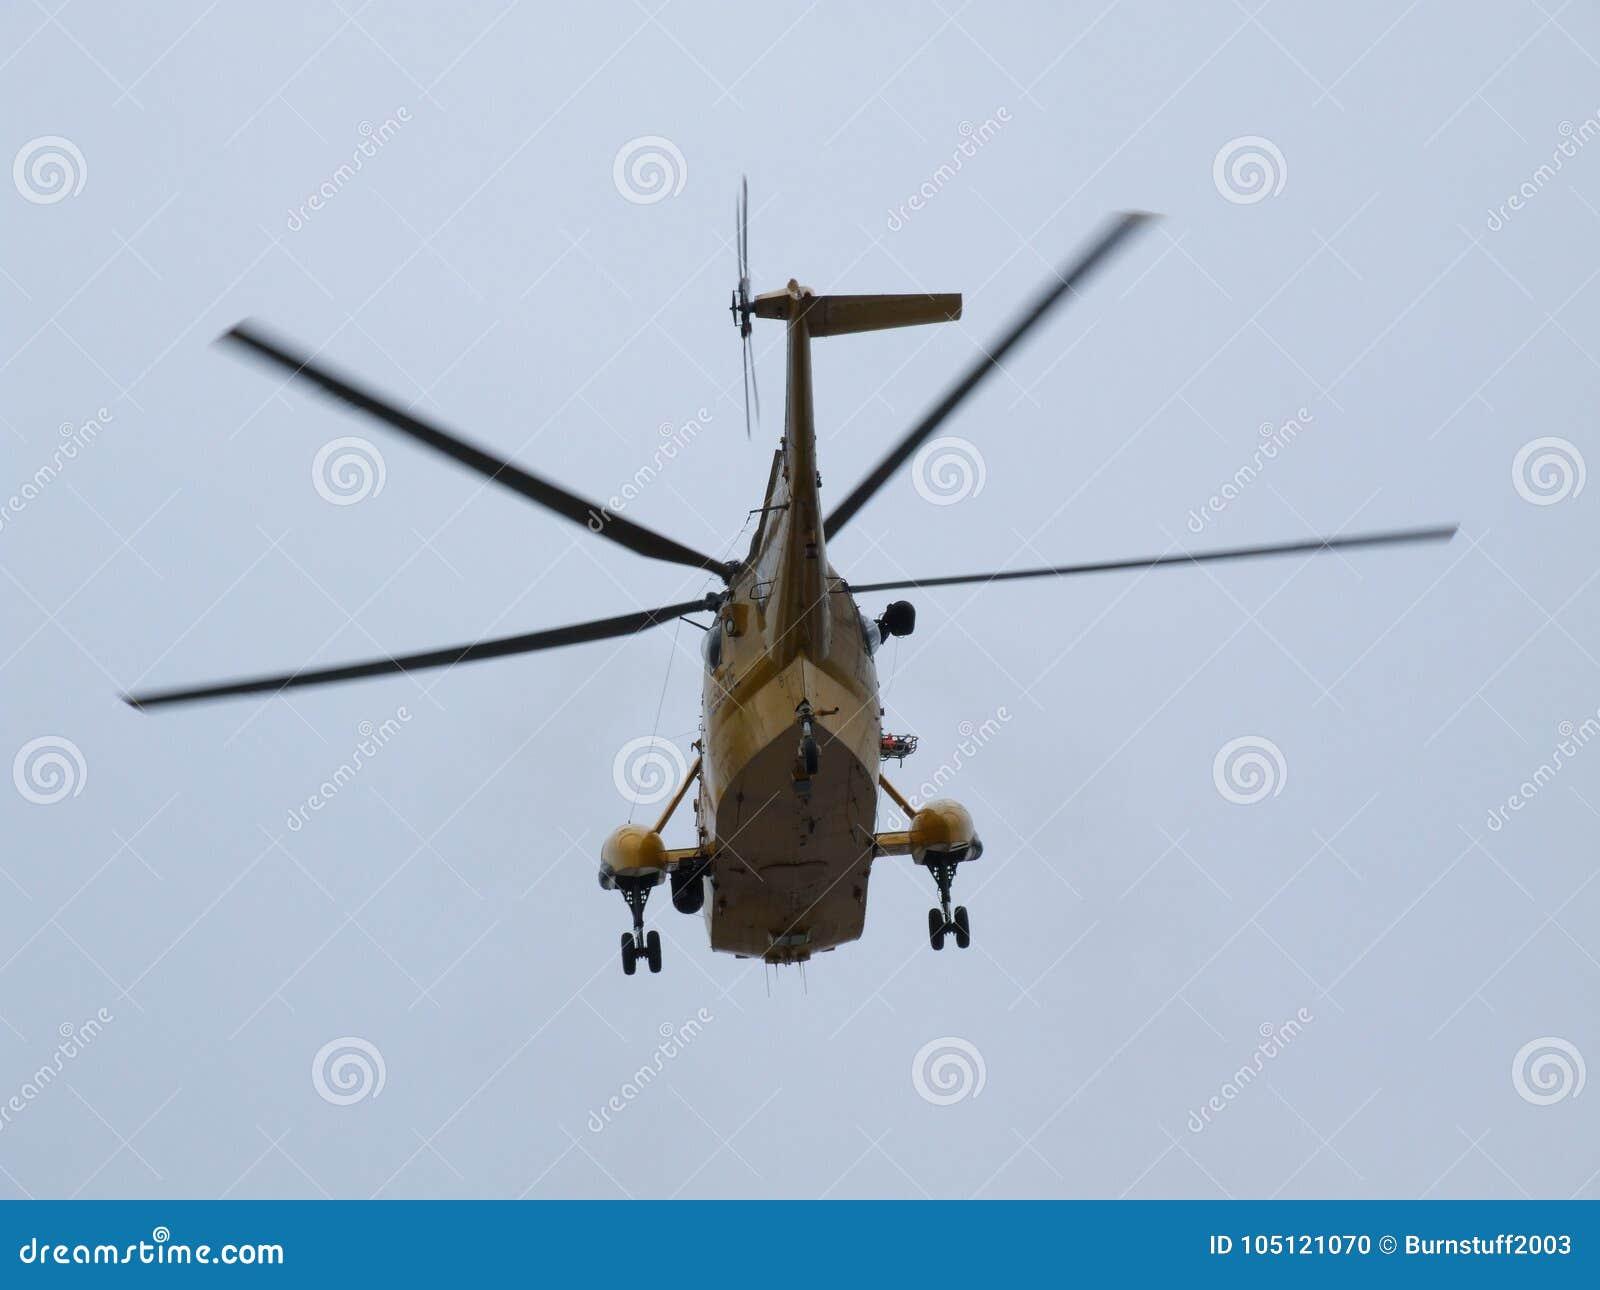 Ελικόπτερο Seaking, στρατιωτικές αναζήτηση και διάσωση στο αεροδρόμιο